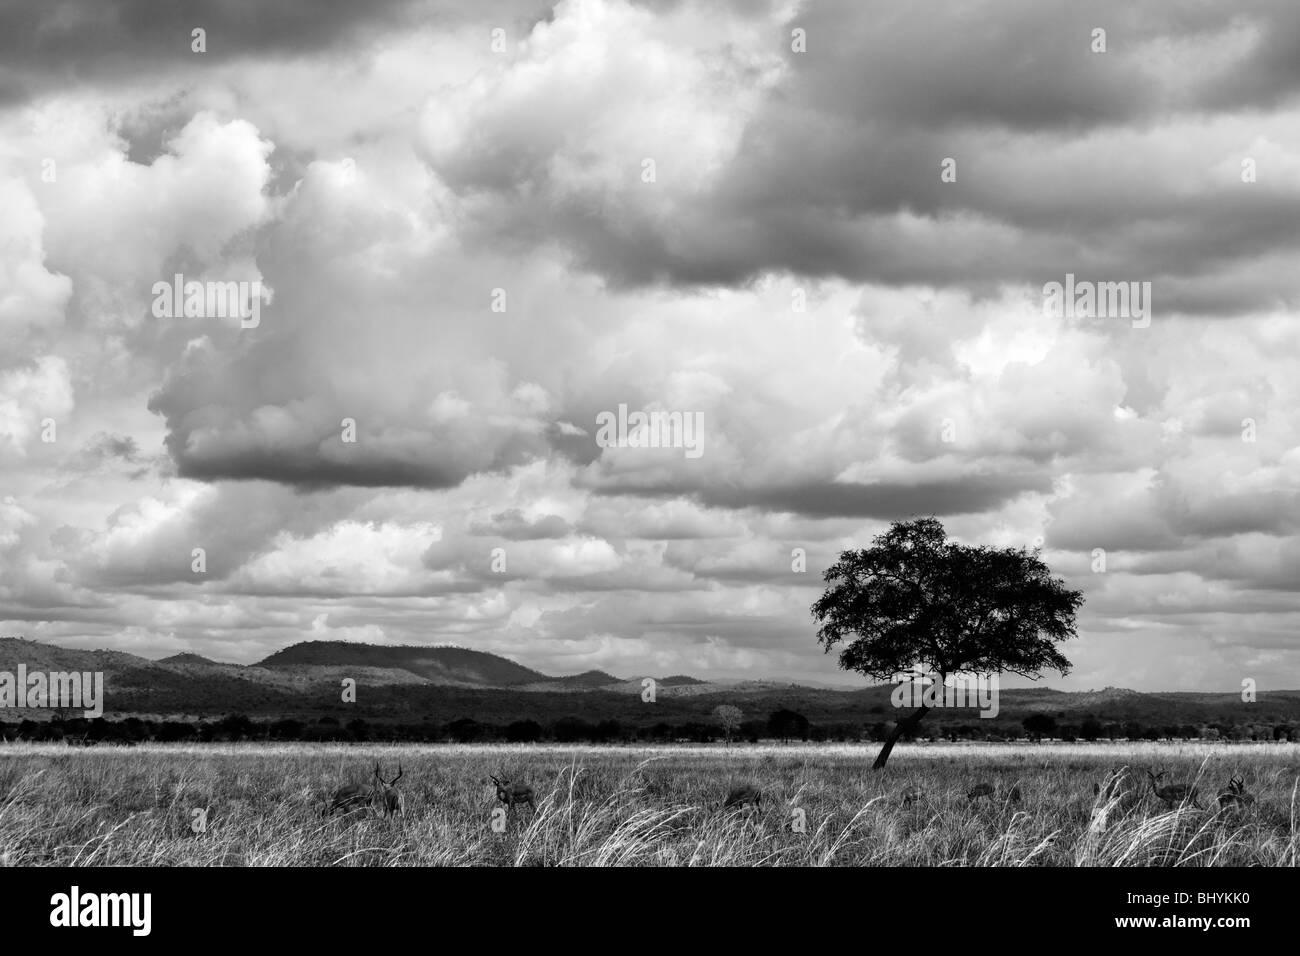 Mikumi NP, Tanzania, East Africa - Stock Image